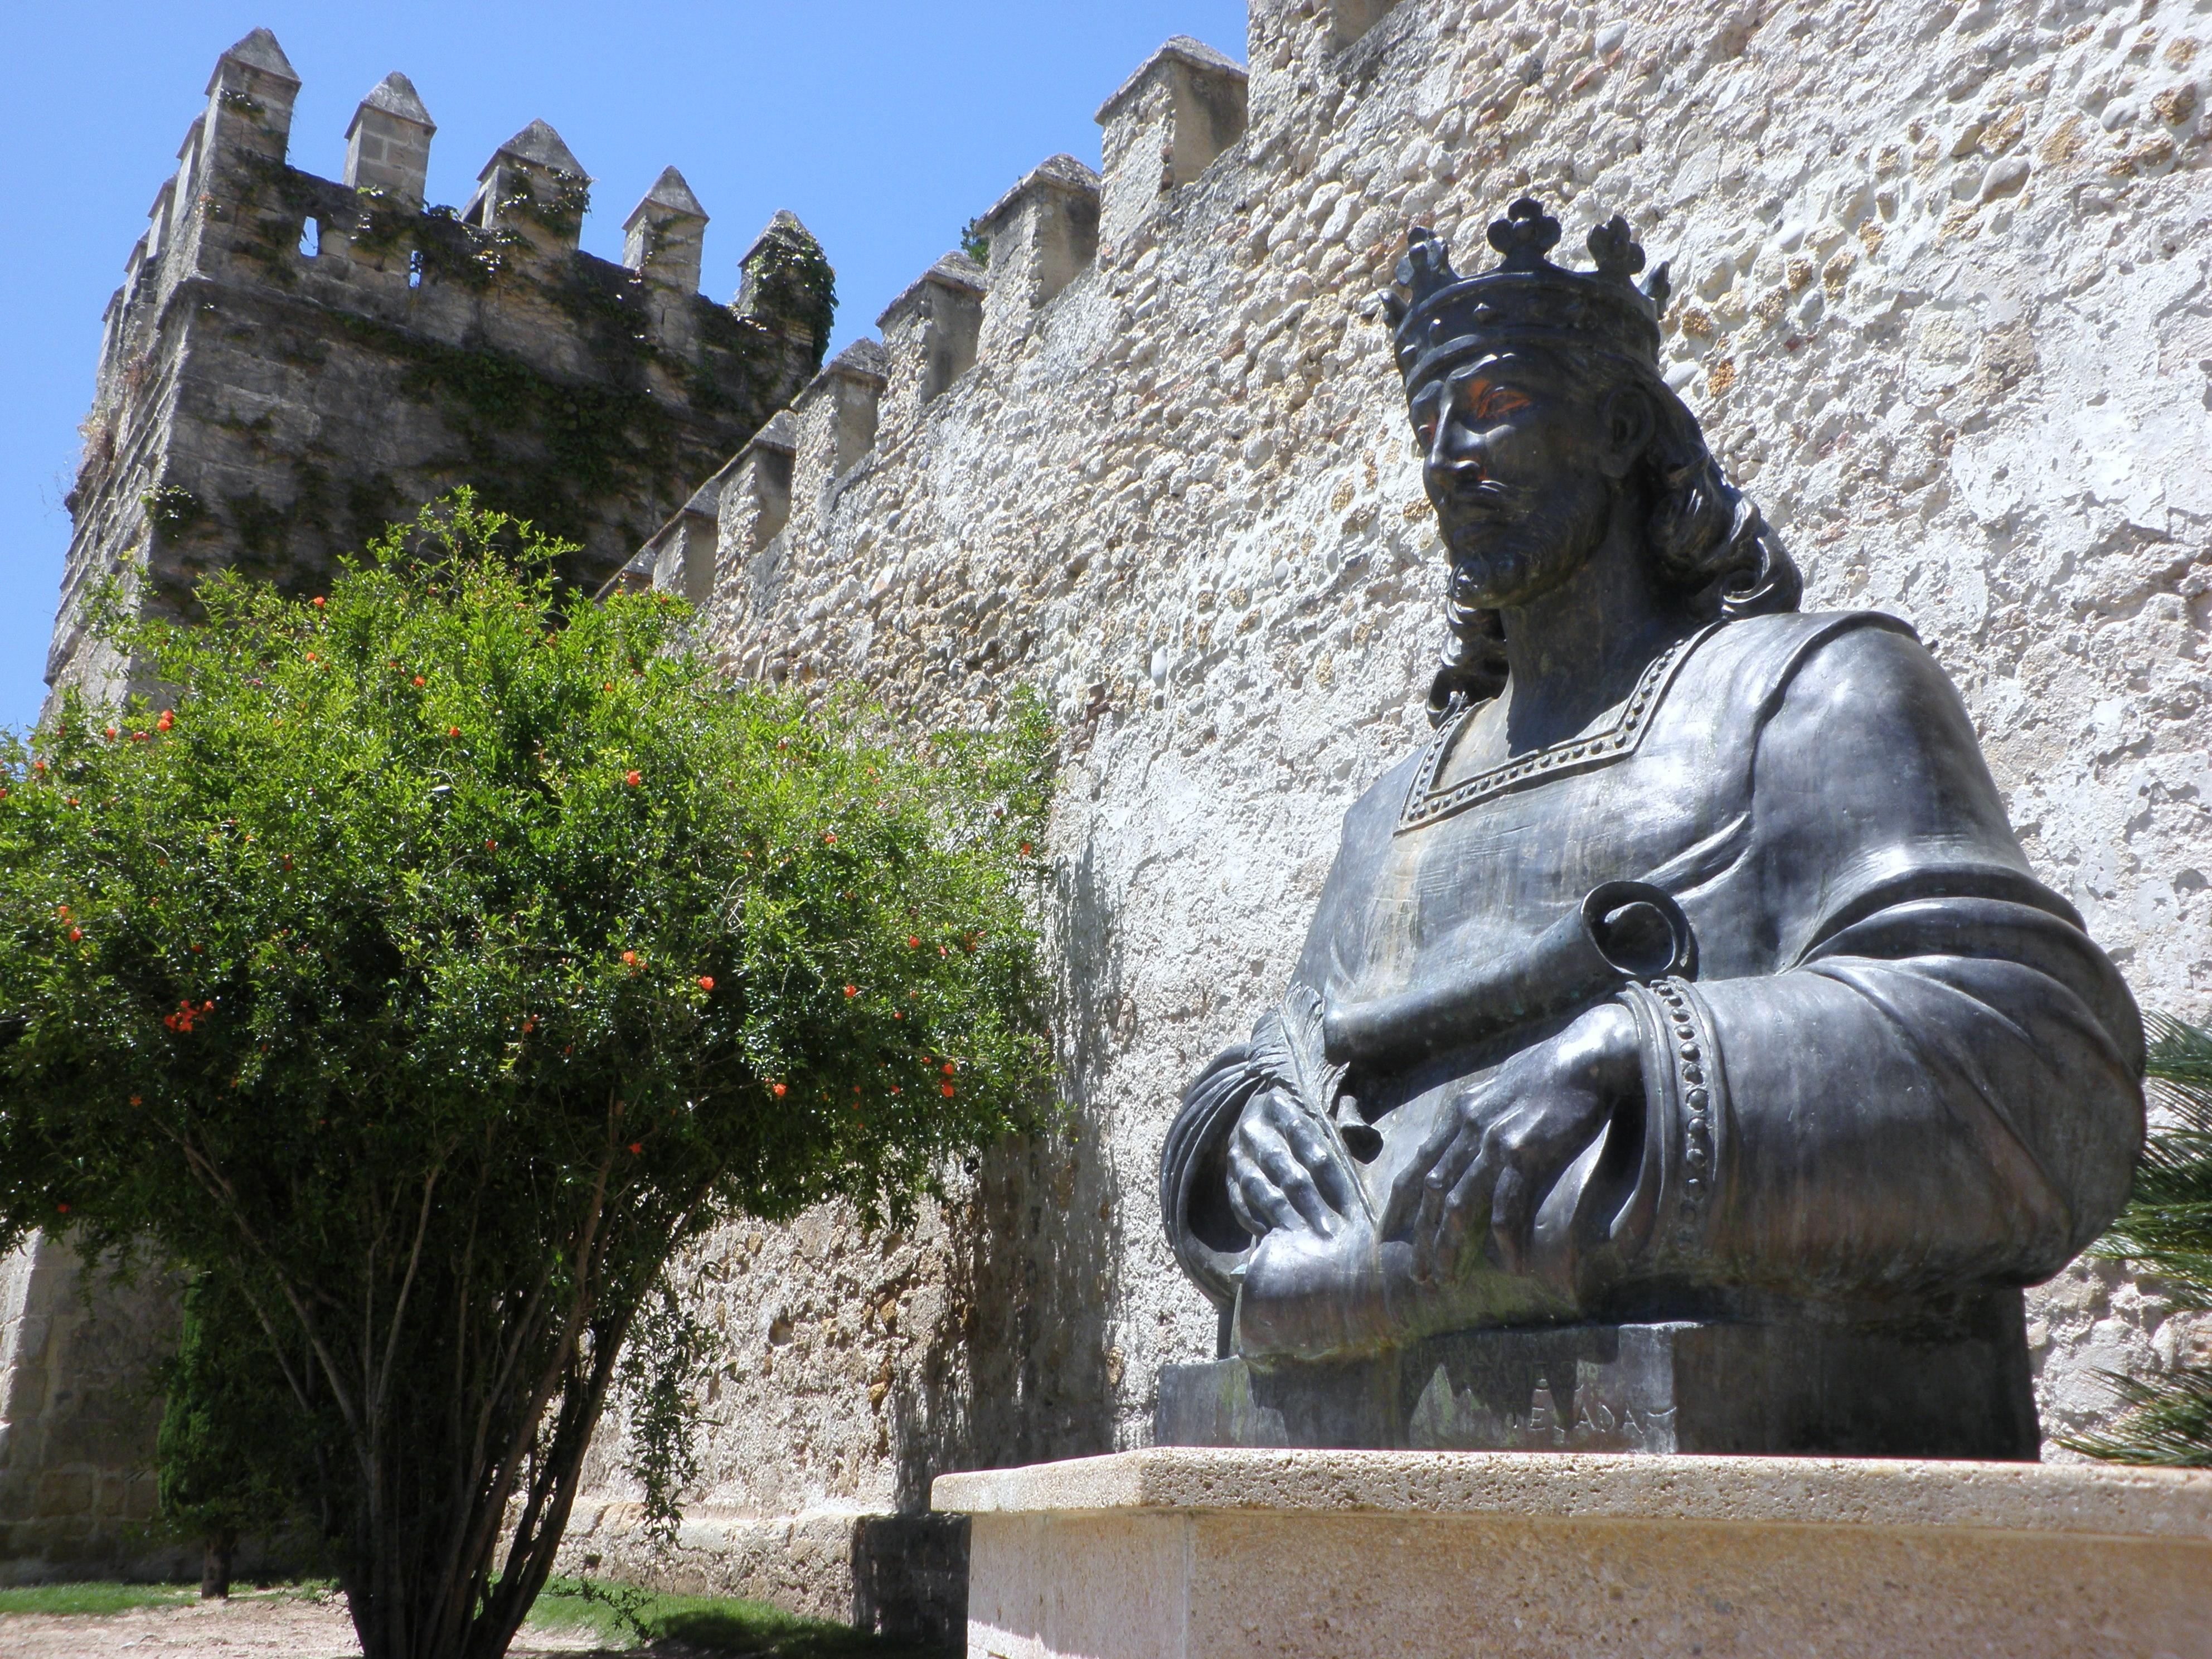 Archivo:Castillo de San Marcos 2, mayo de 2009.jpg - Wikipedia, la ...